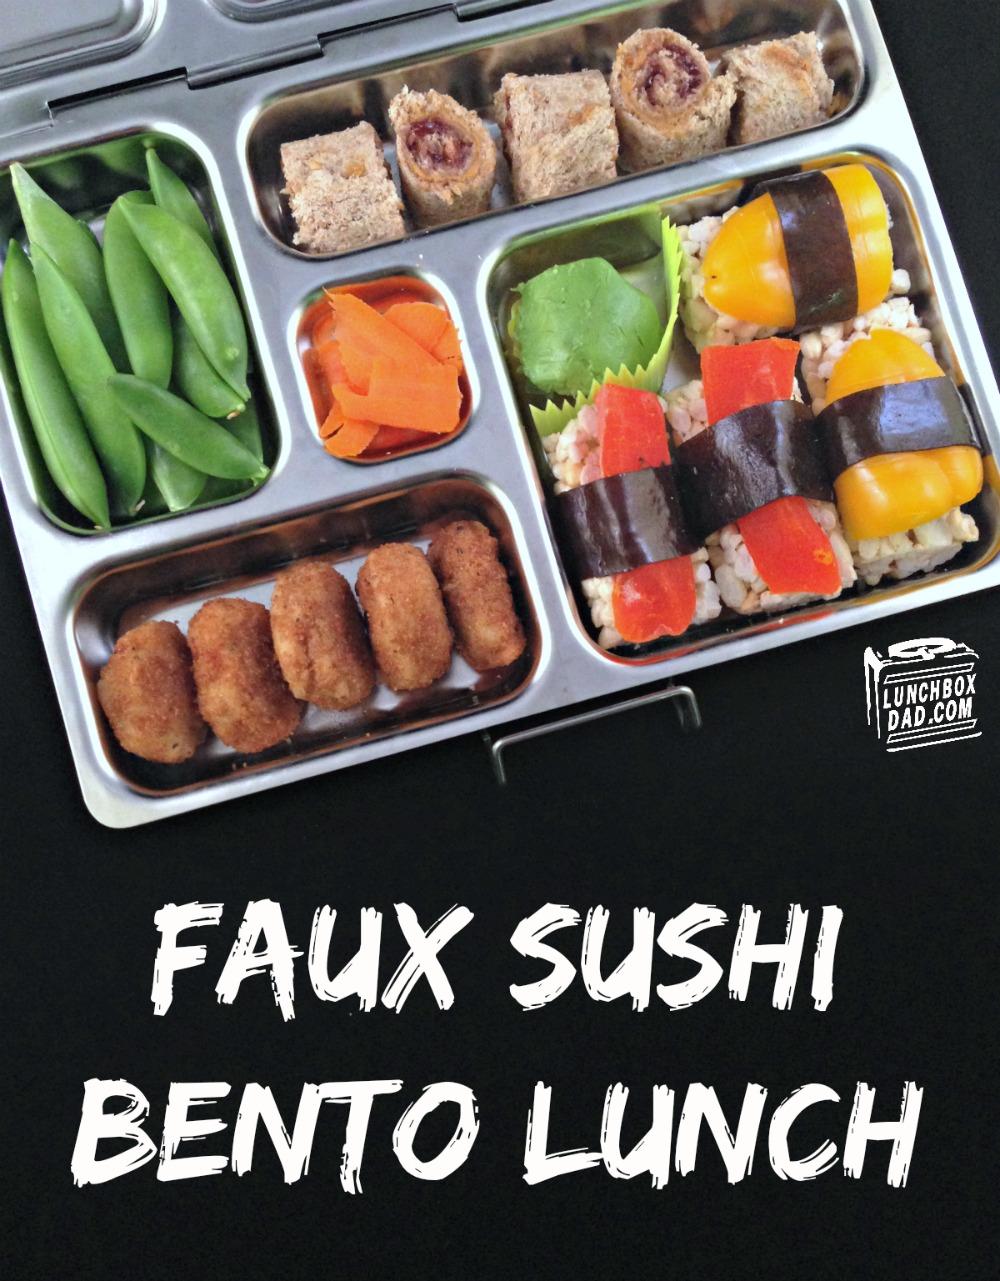 Faux Sushi Bento Lunch